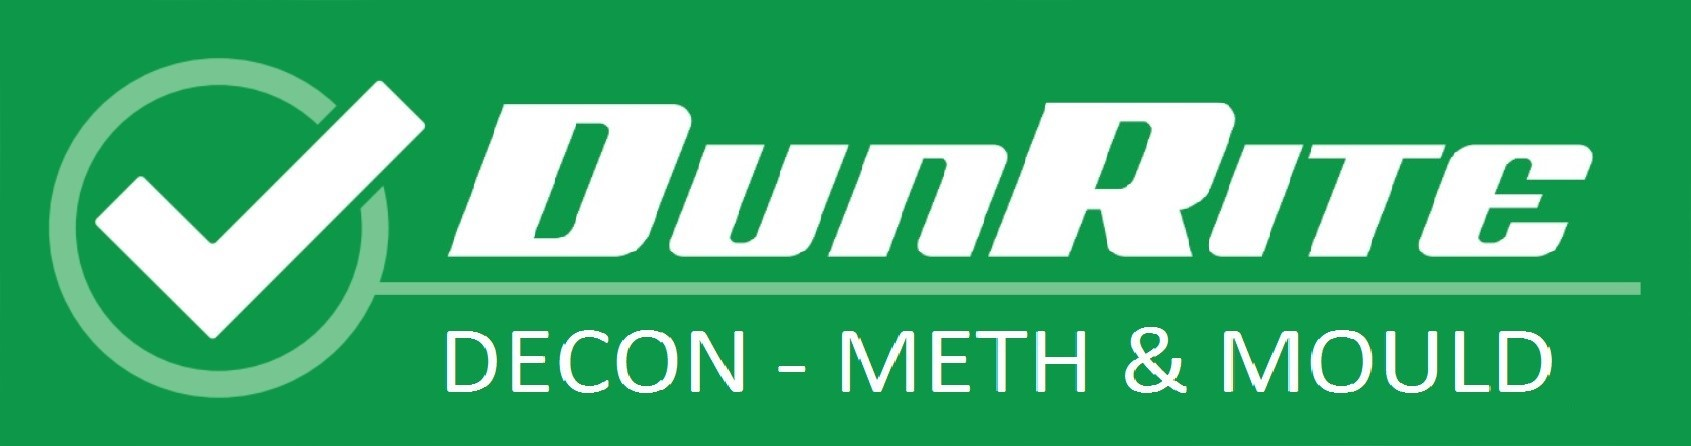 Meth Test Brisbane - Dunrite